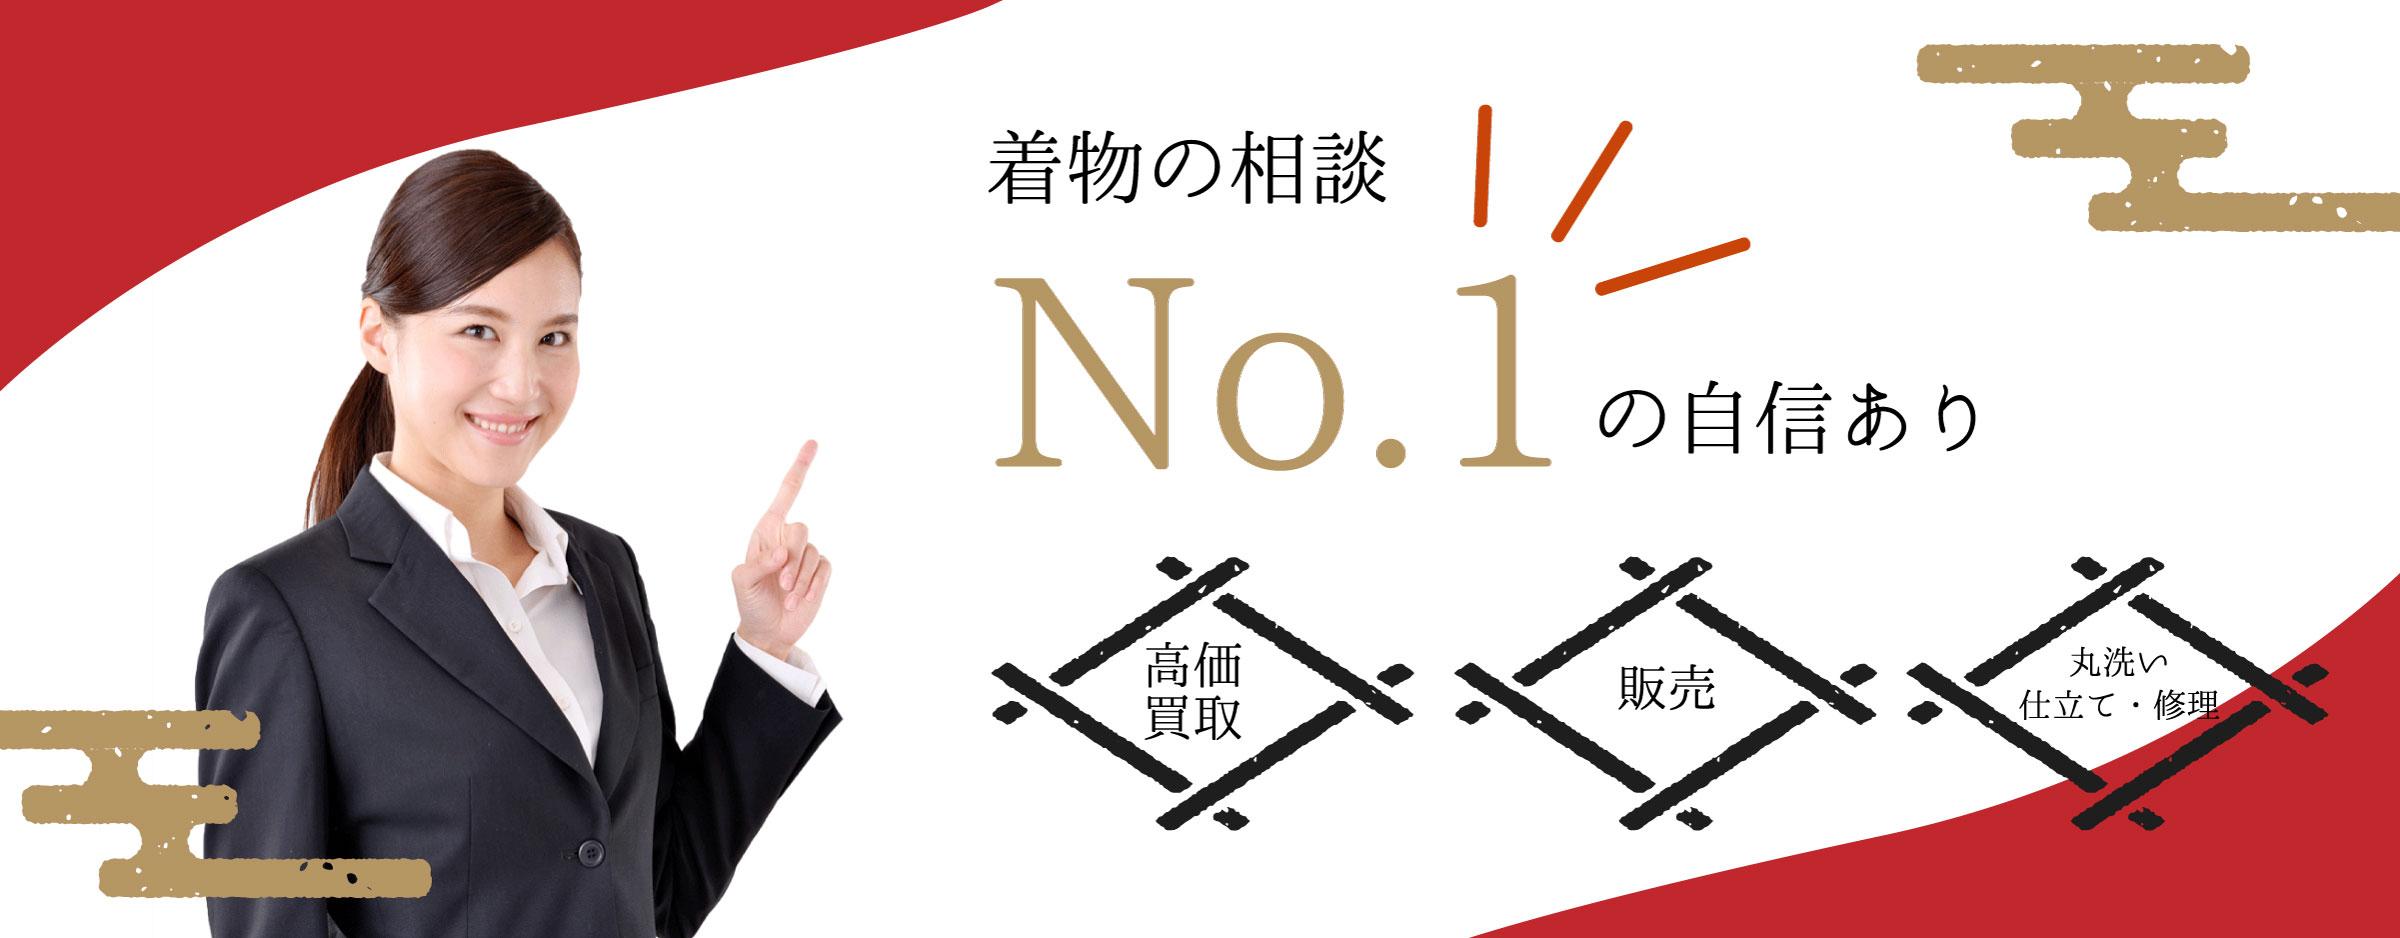 着物の相談No.1!